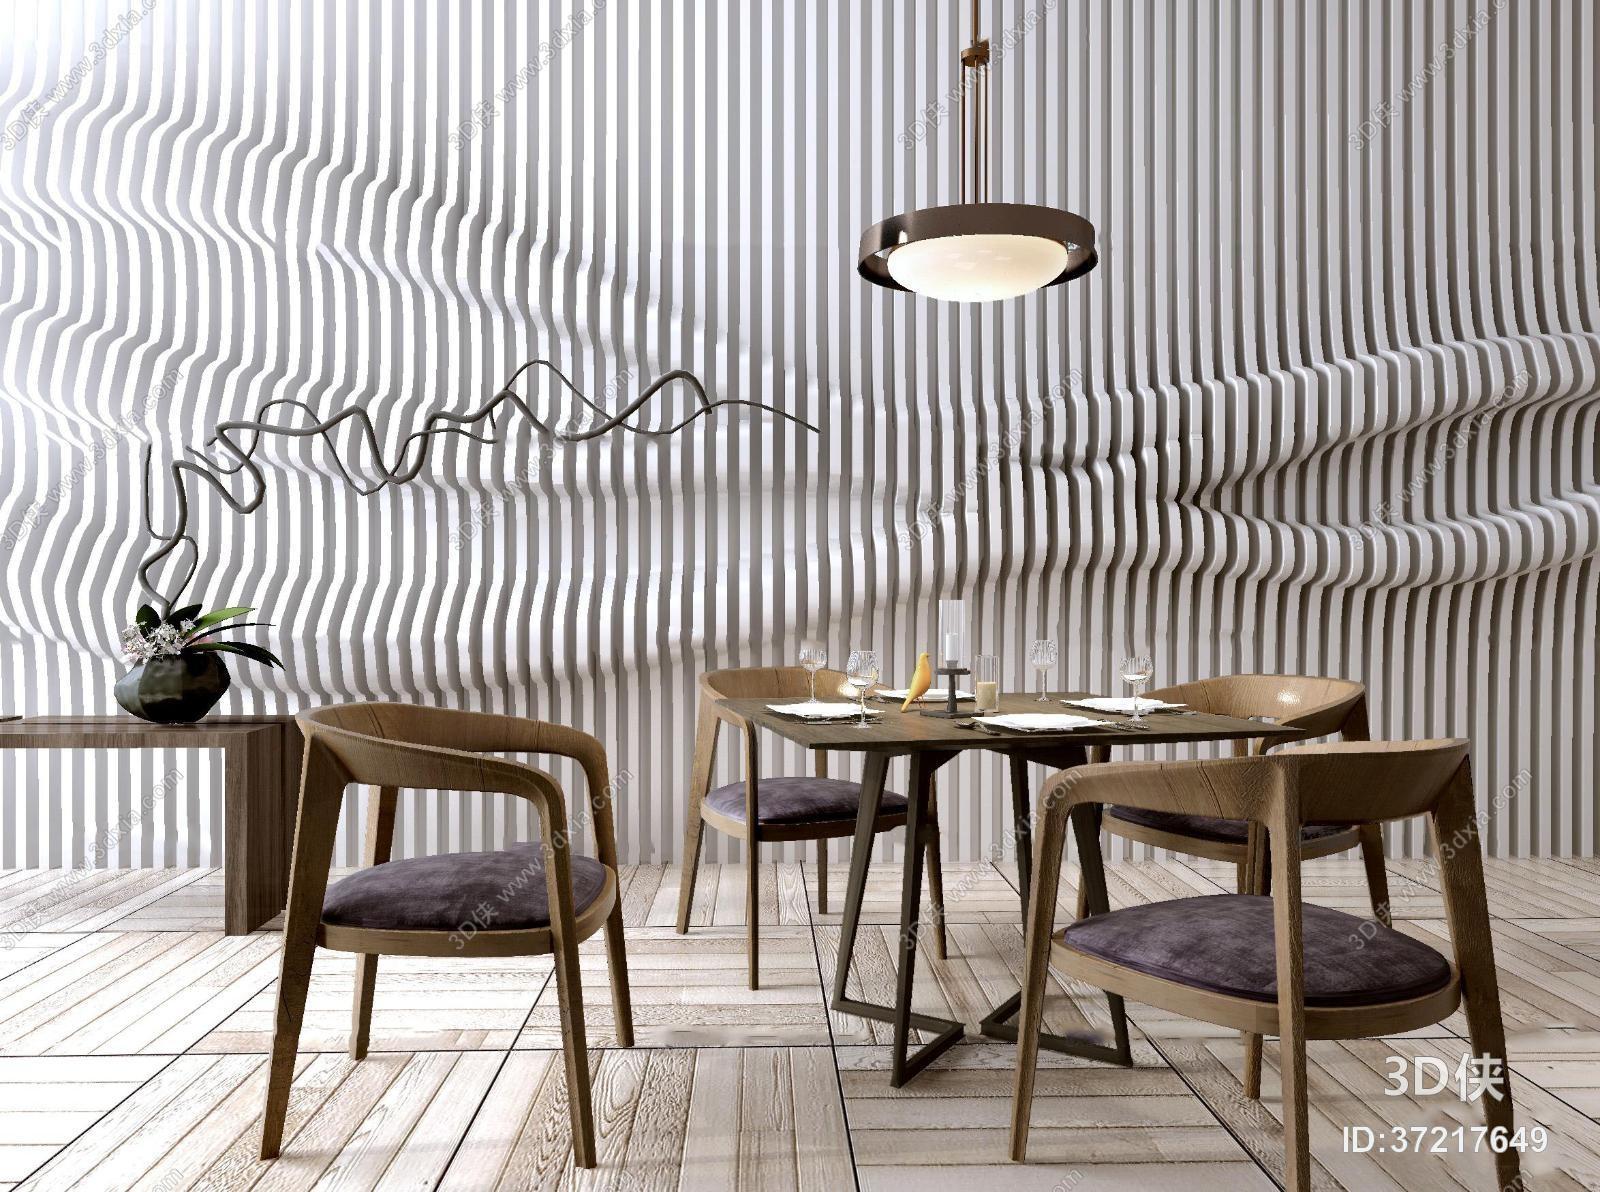 新中式实木餐桌椅吊灯组合3D模型